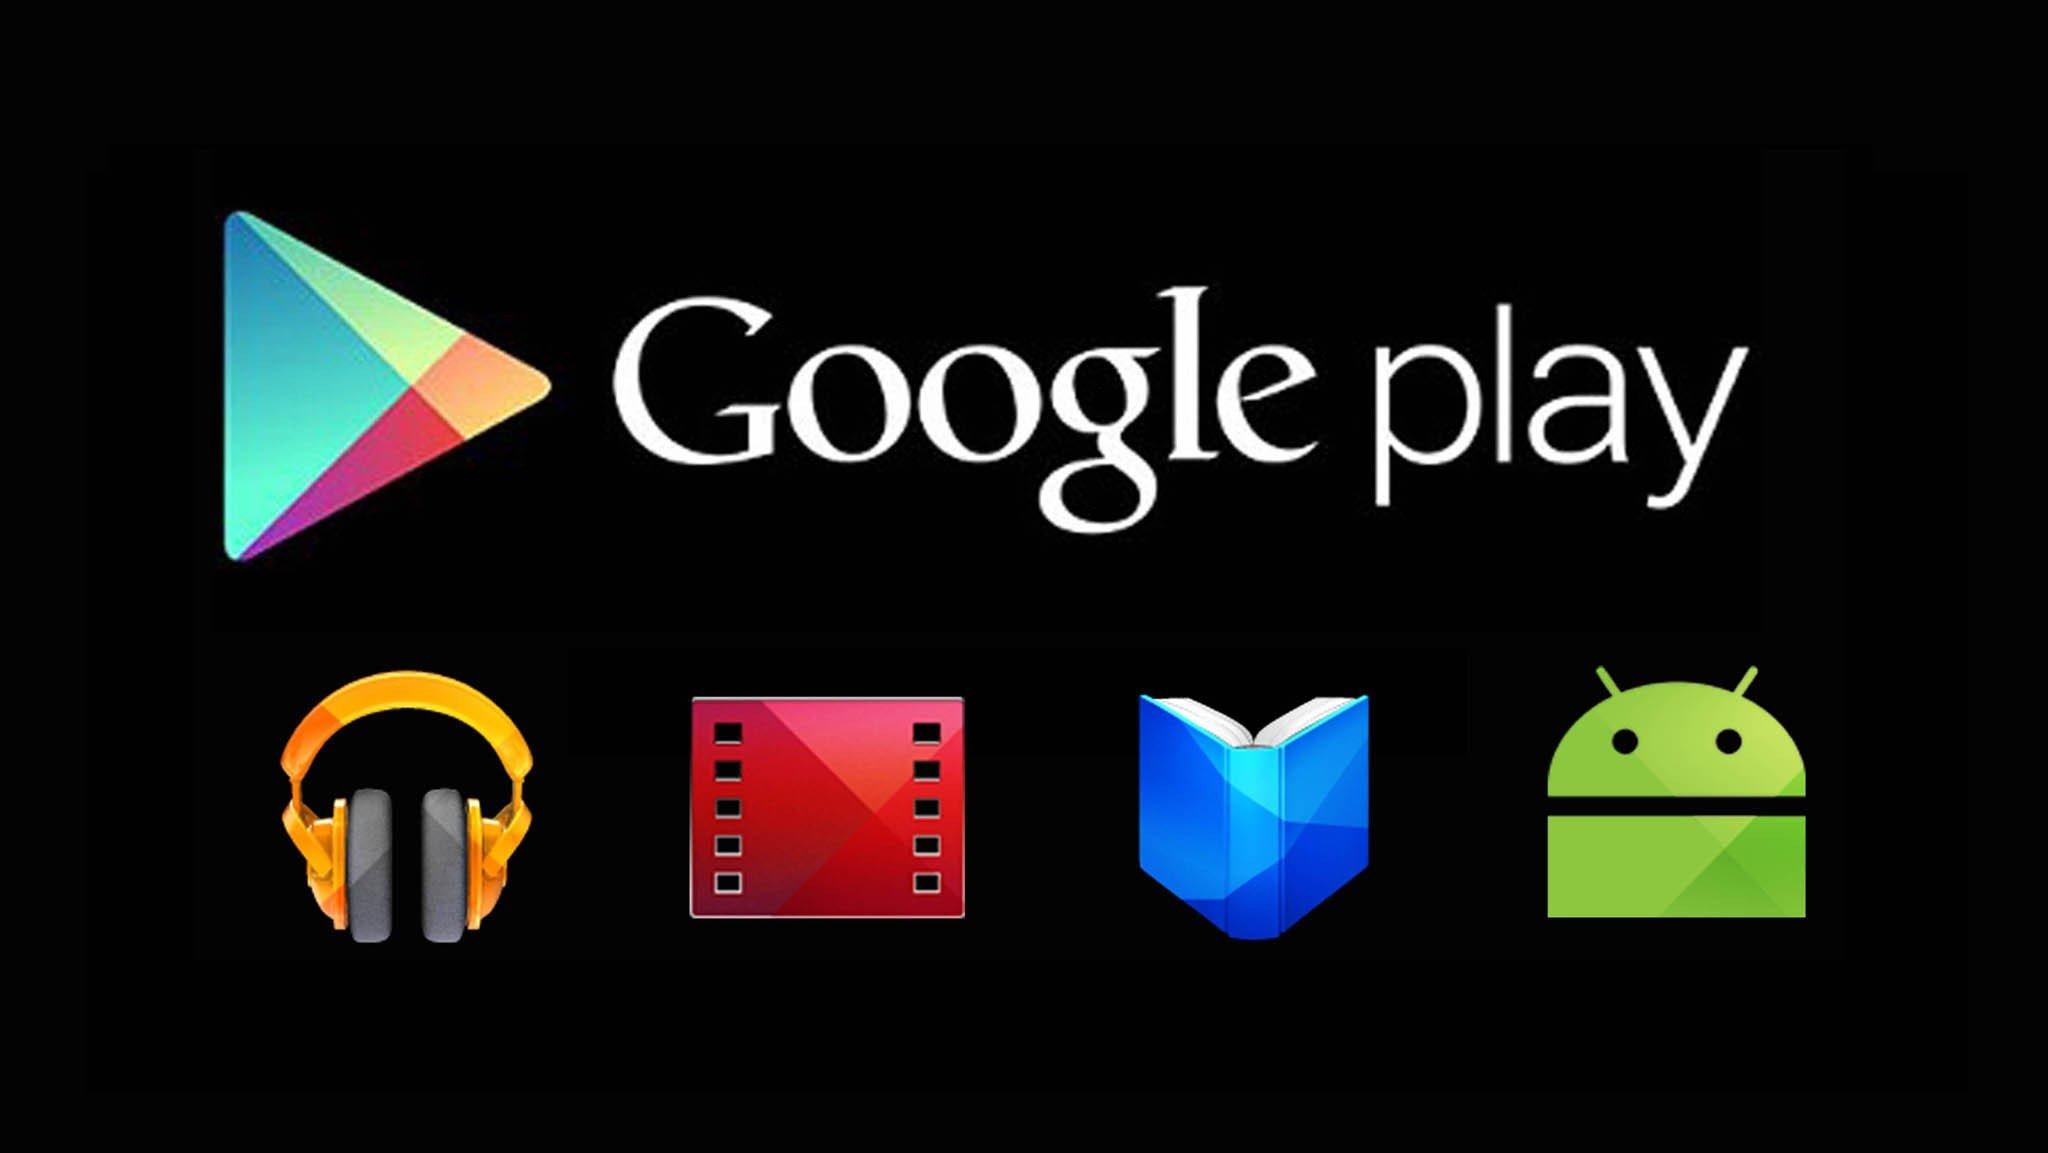 Специалисты узнали, как новому трояну удалось обойти защиту Google Play